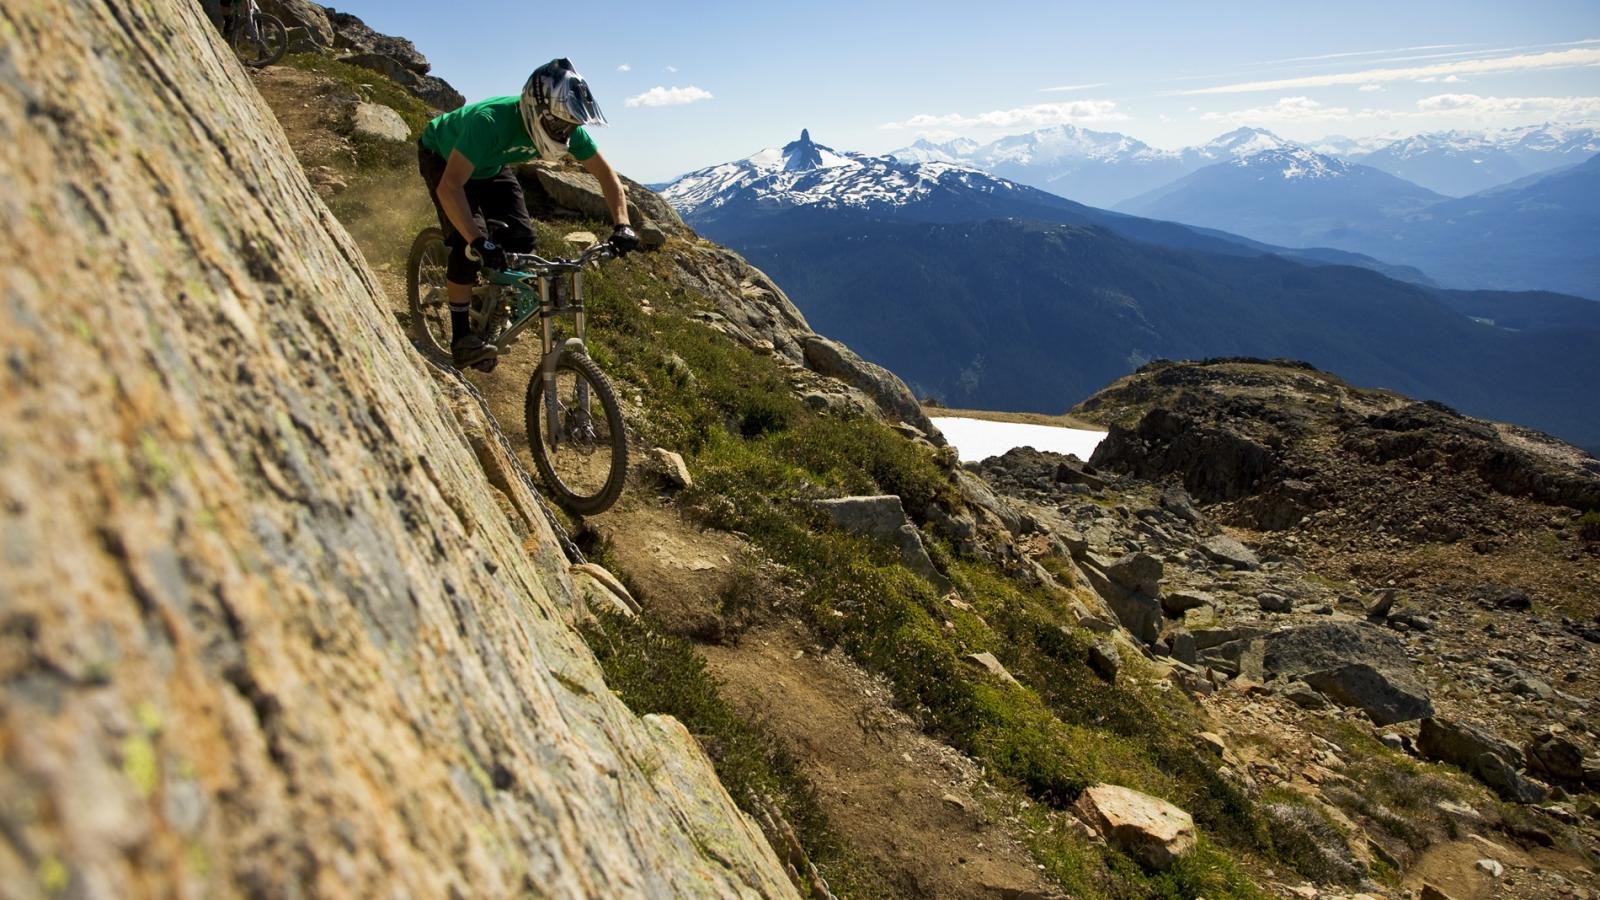 Ciclismo de montana - 1600x900